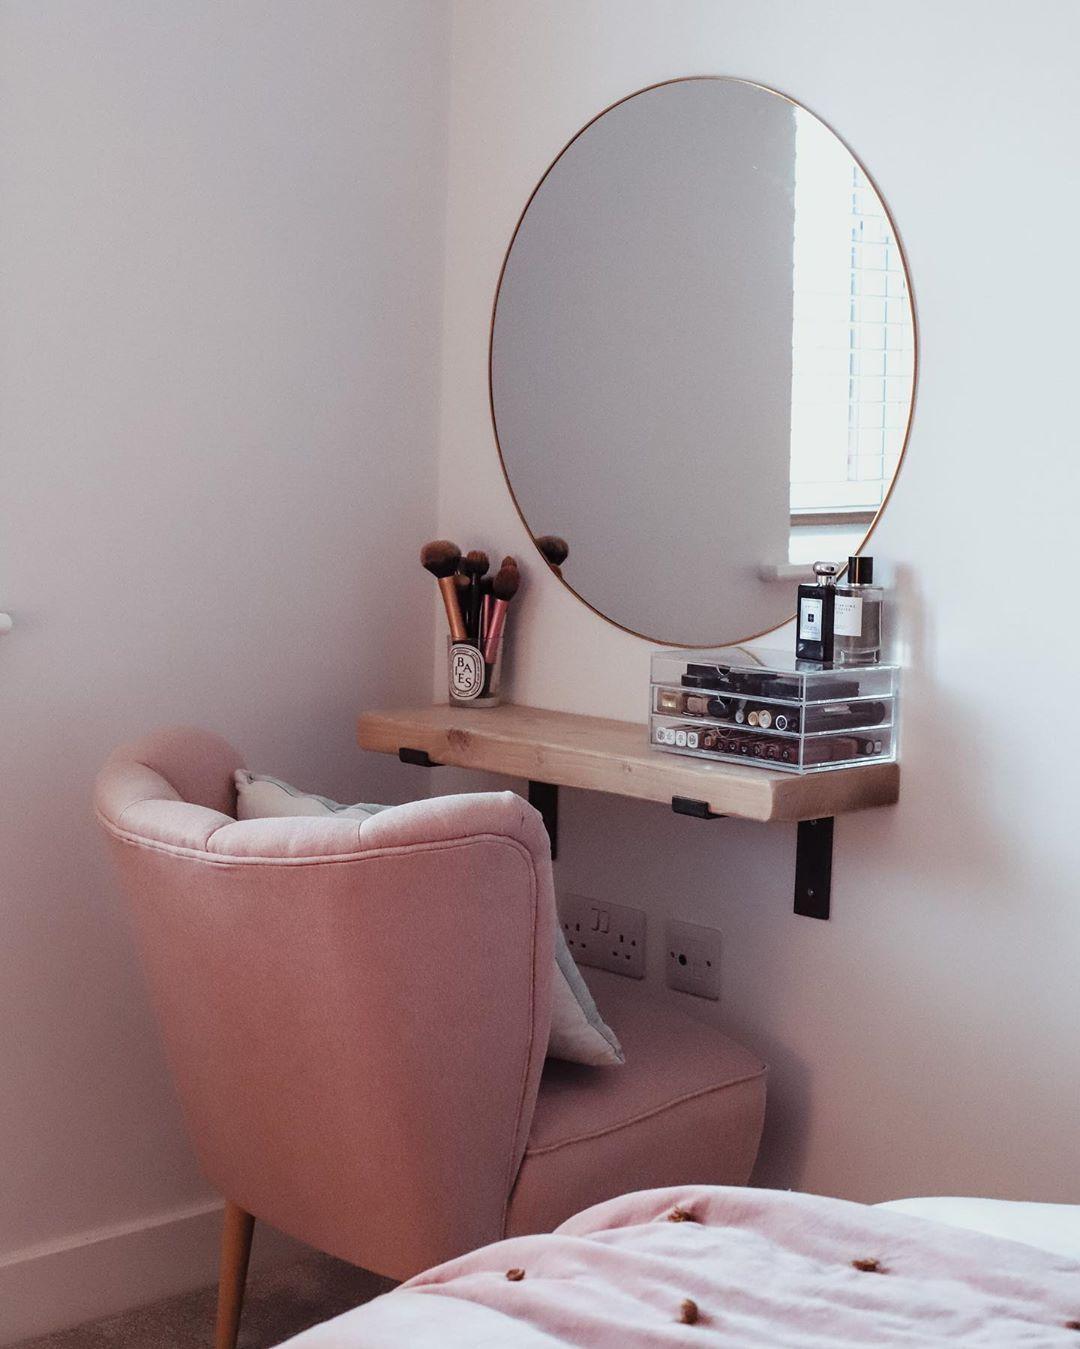 Tocador Recamara Pequena In 2020 Bedroom Decor For Couples Room Decor Bedroom Decor